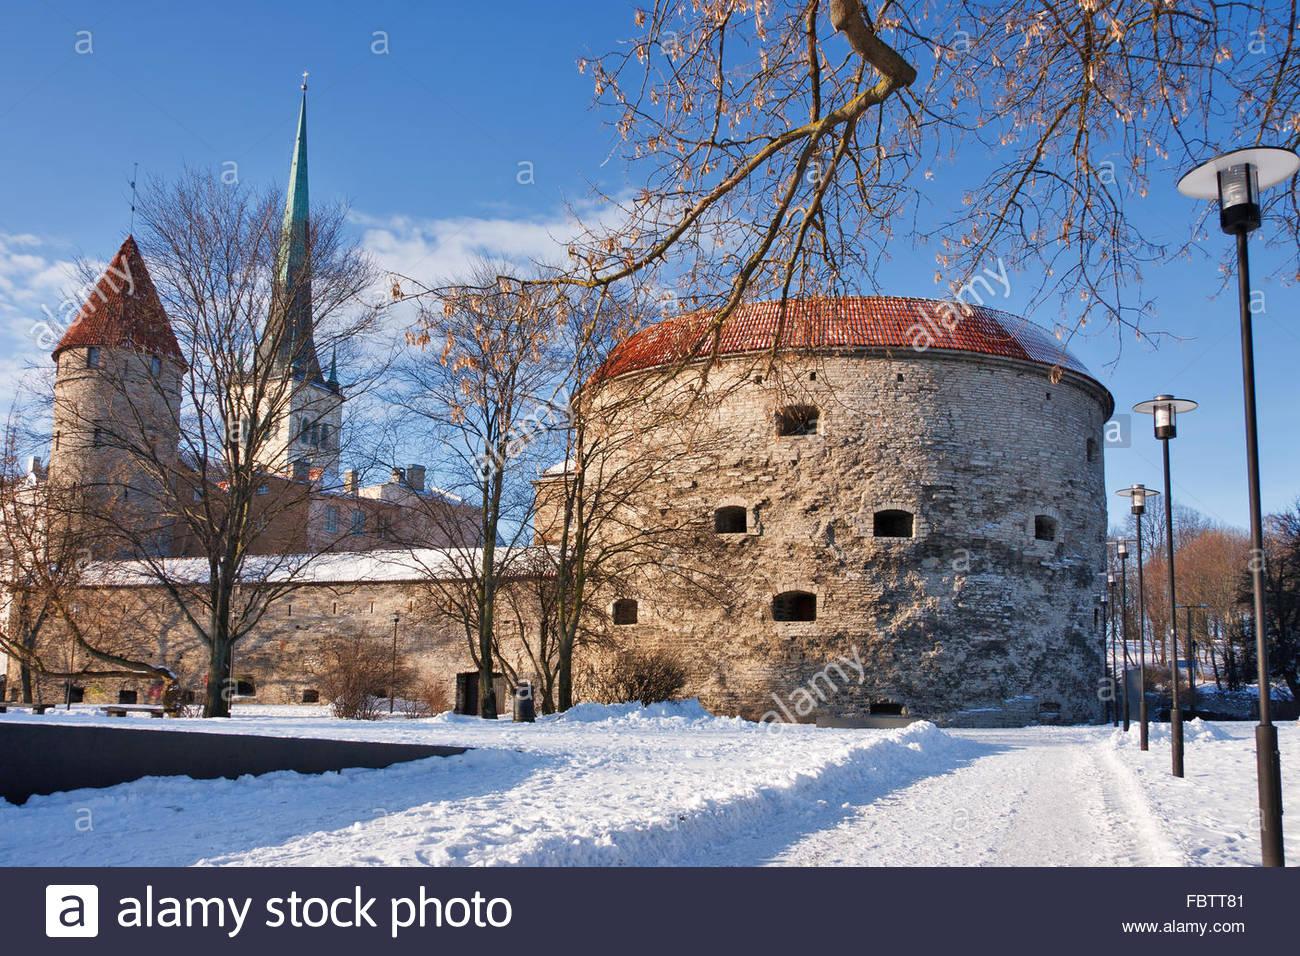 Tallinn - old town. Estonia - Stock Image